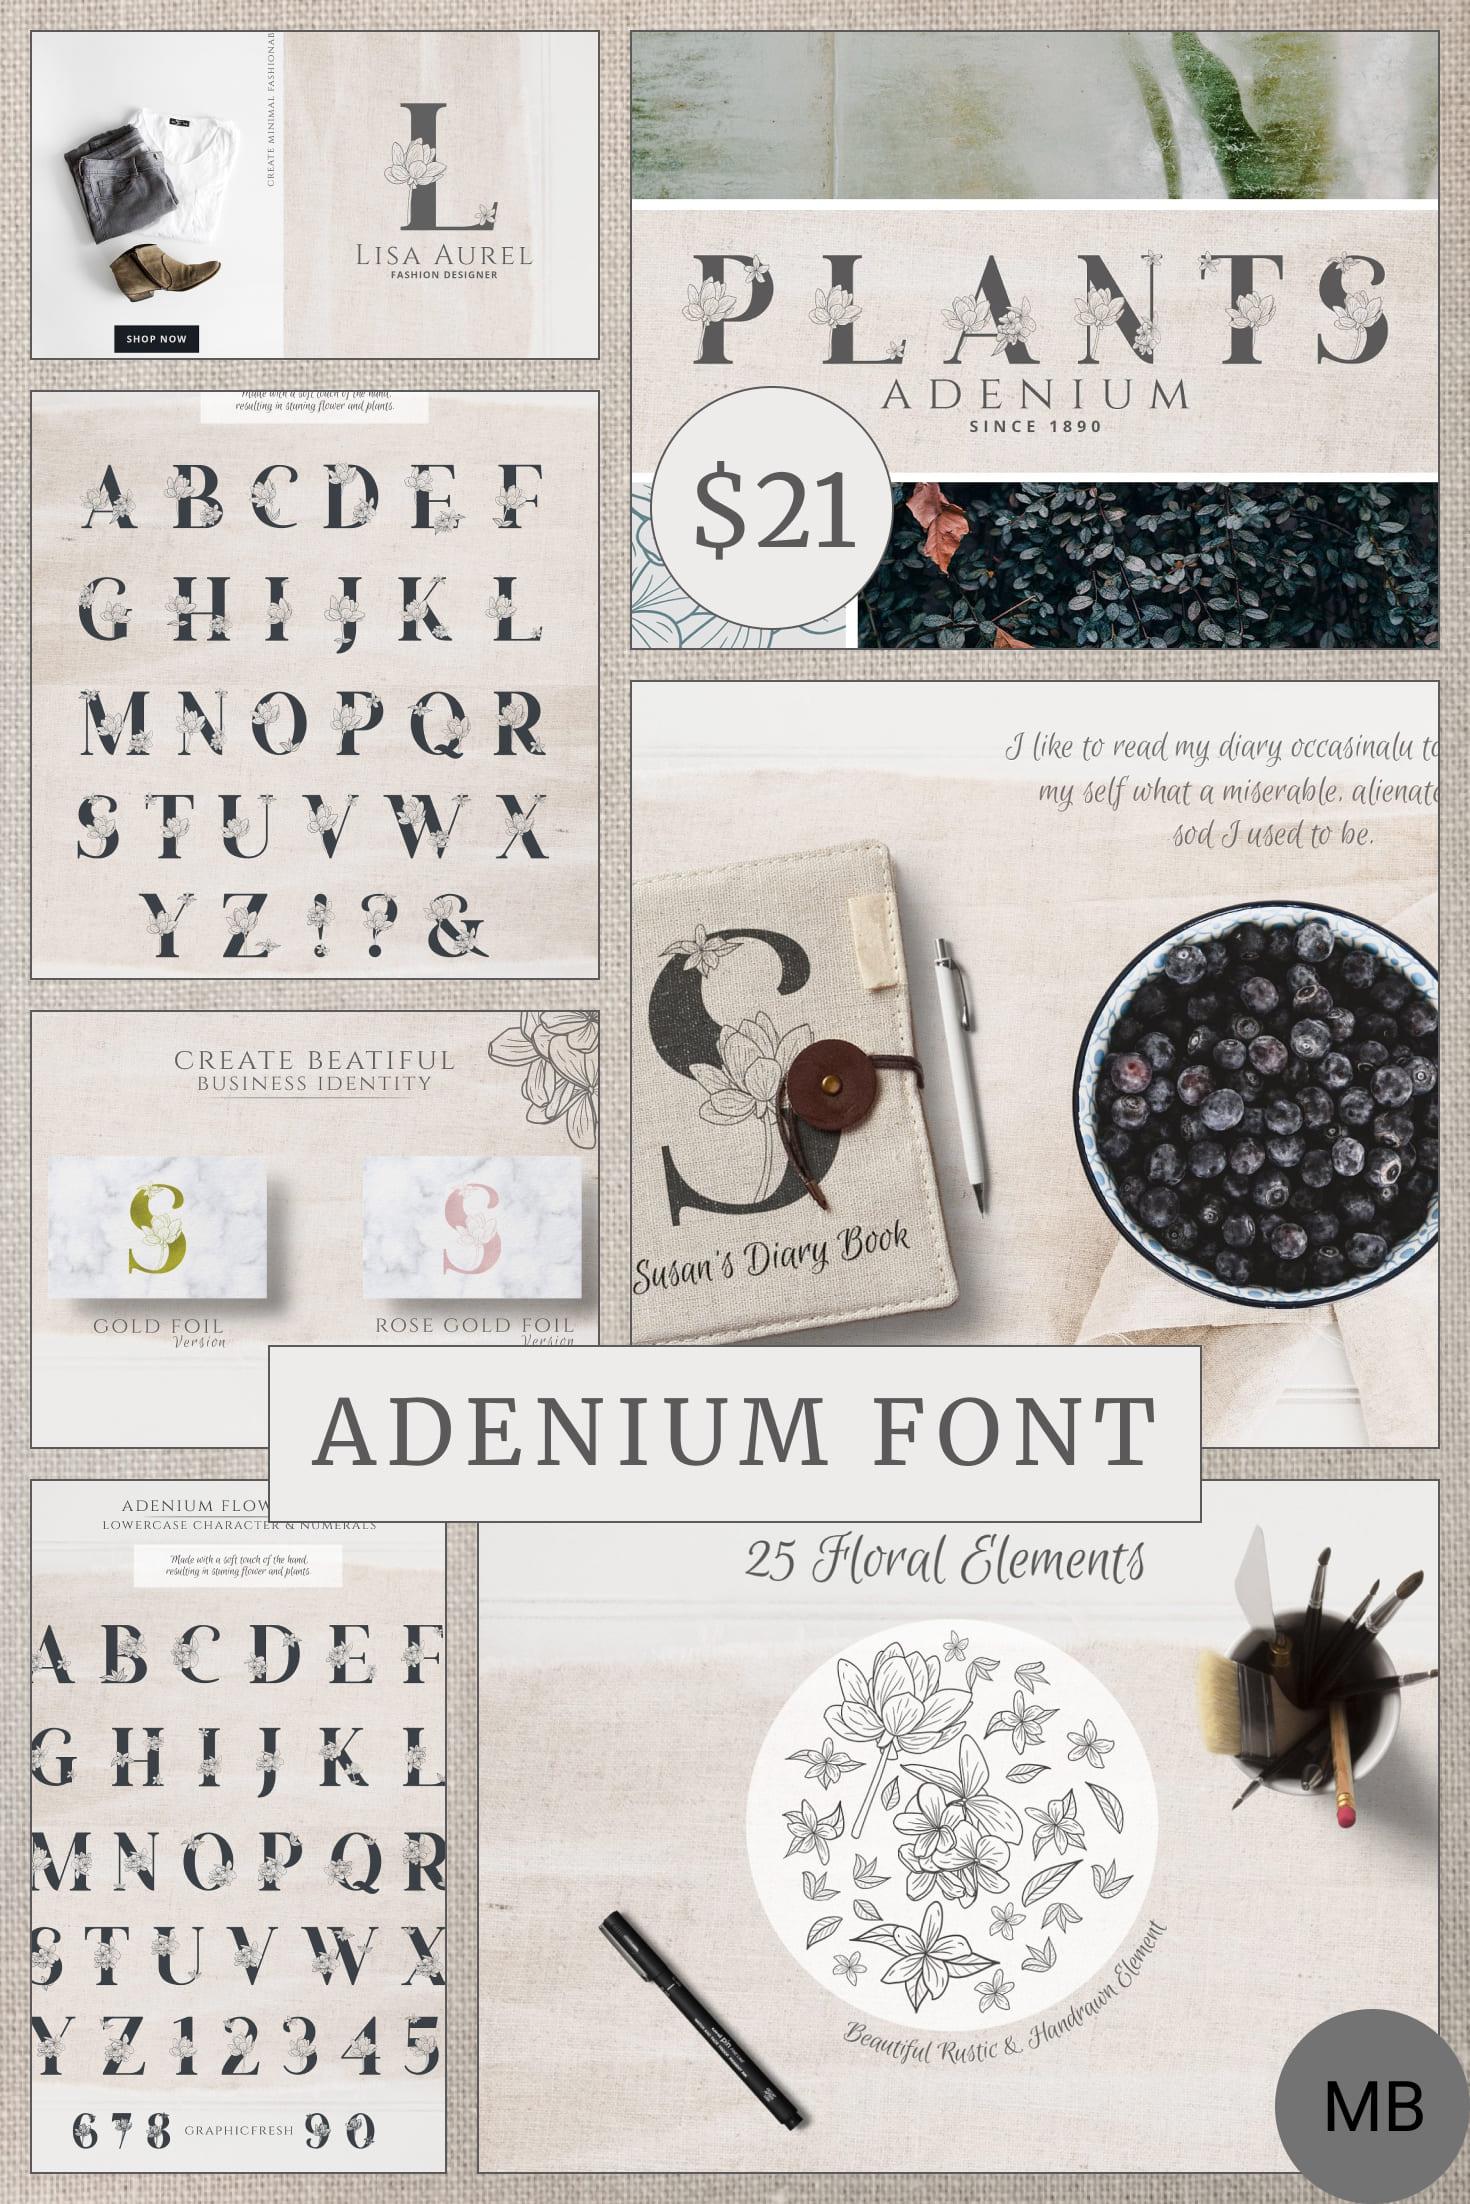 Adenium Font + Gold & Rose Gold Foil - $21. Collage Image.